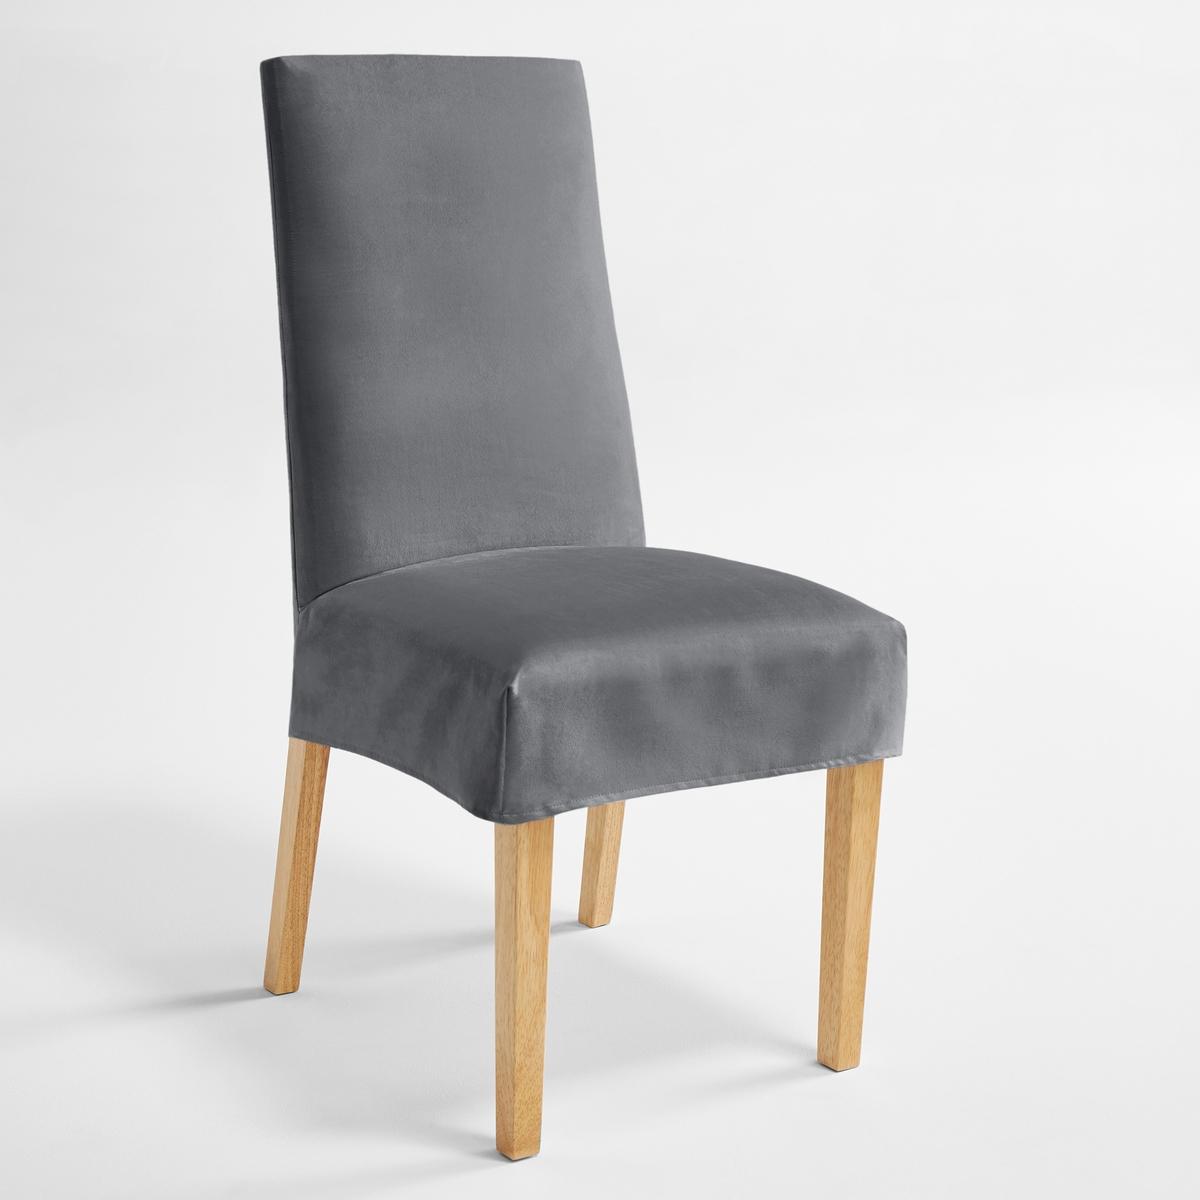 Чехол La Redoute Для стула из искусственной замши KALA единый размер серый чехол для стула 128